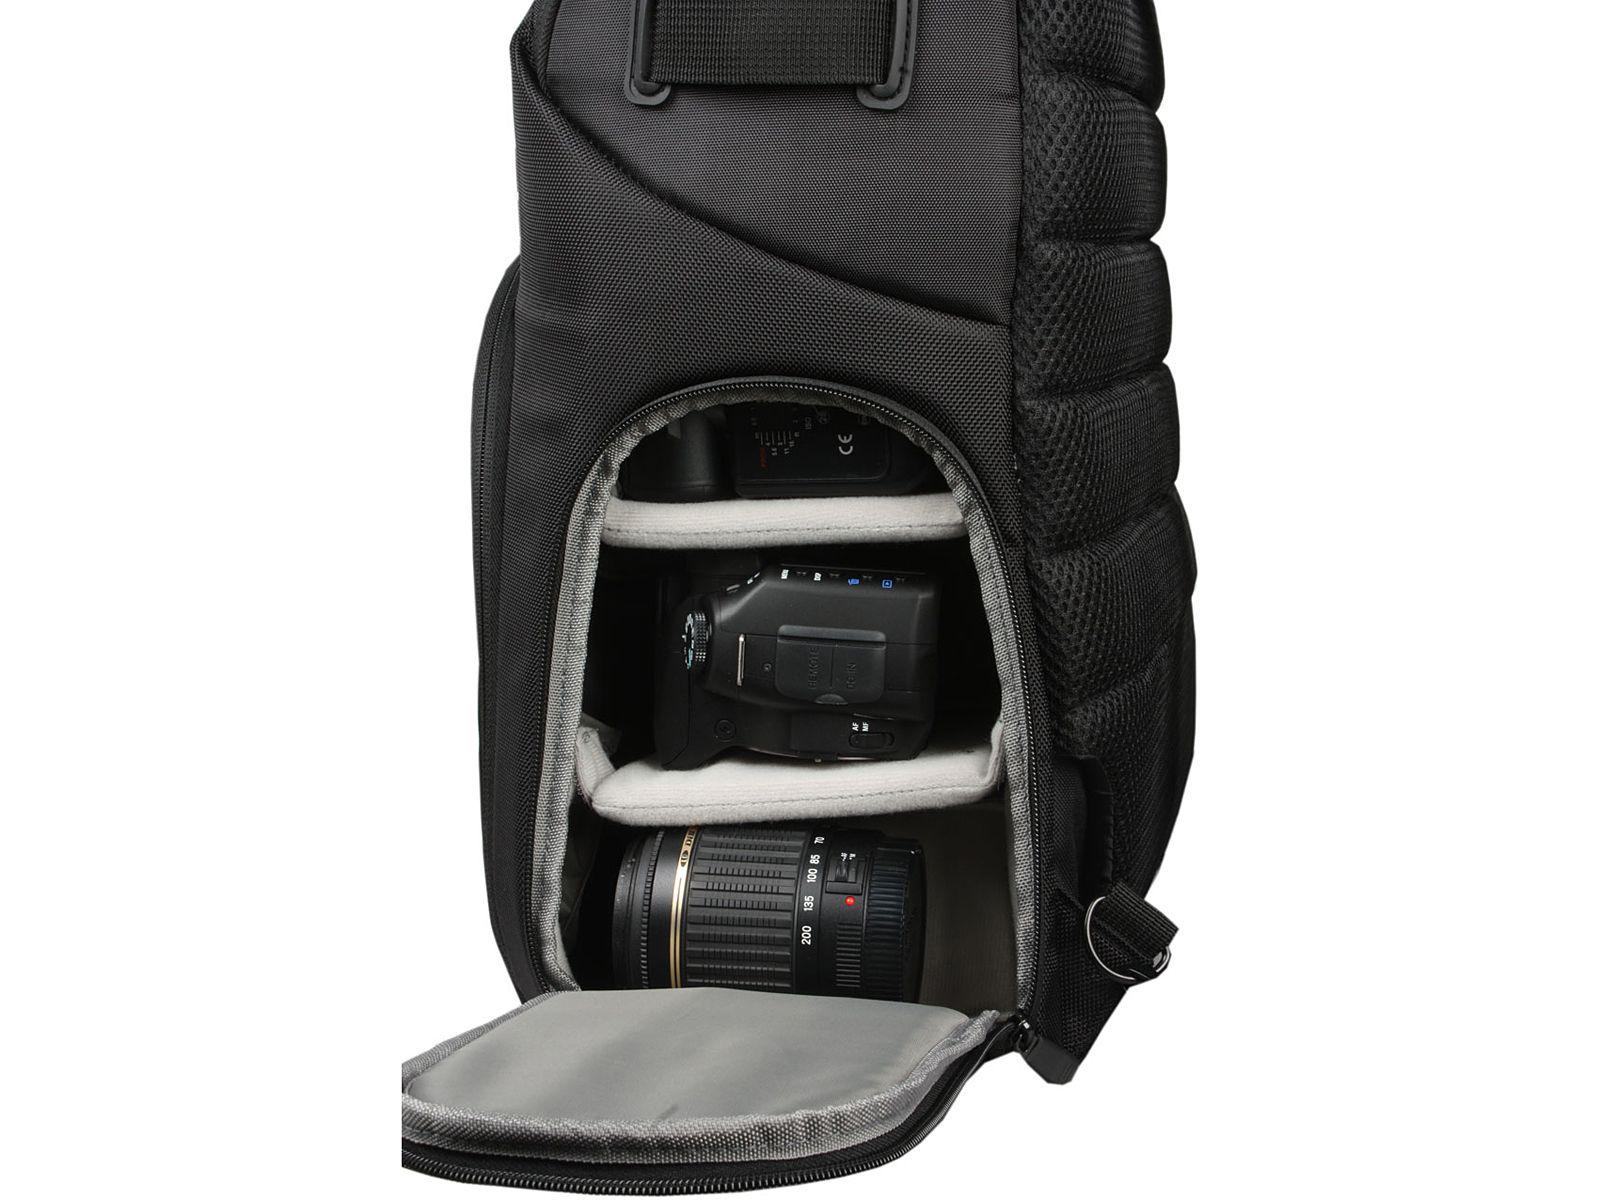 Bilora Multi-Snap Pack 30 (325-R) - Rucksack  http://www.photo-bags.de/kamerarucksaecke/bilora-multi-snap-pack-30-325-r.html